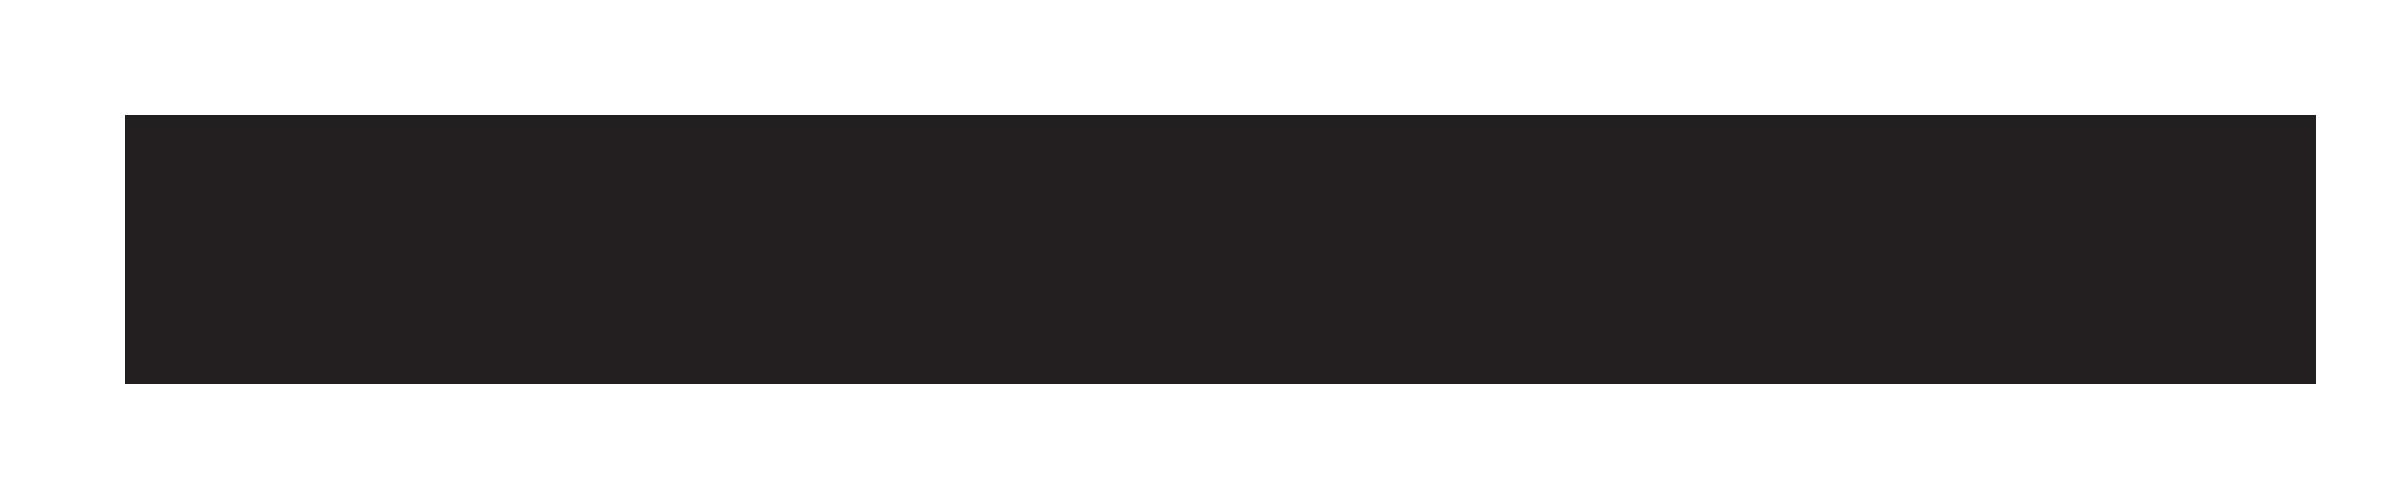 Uralchem logo